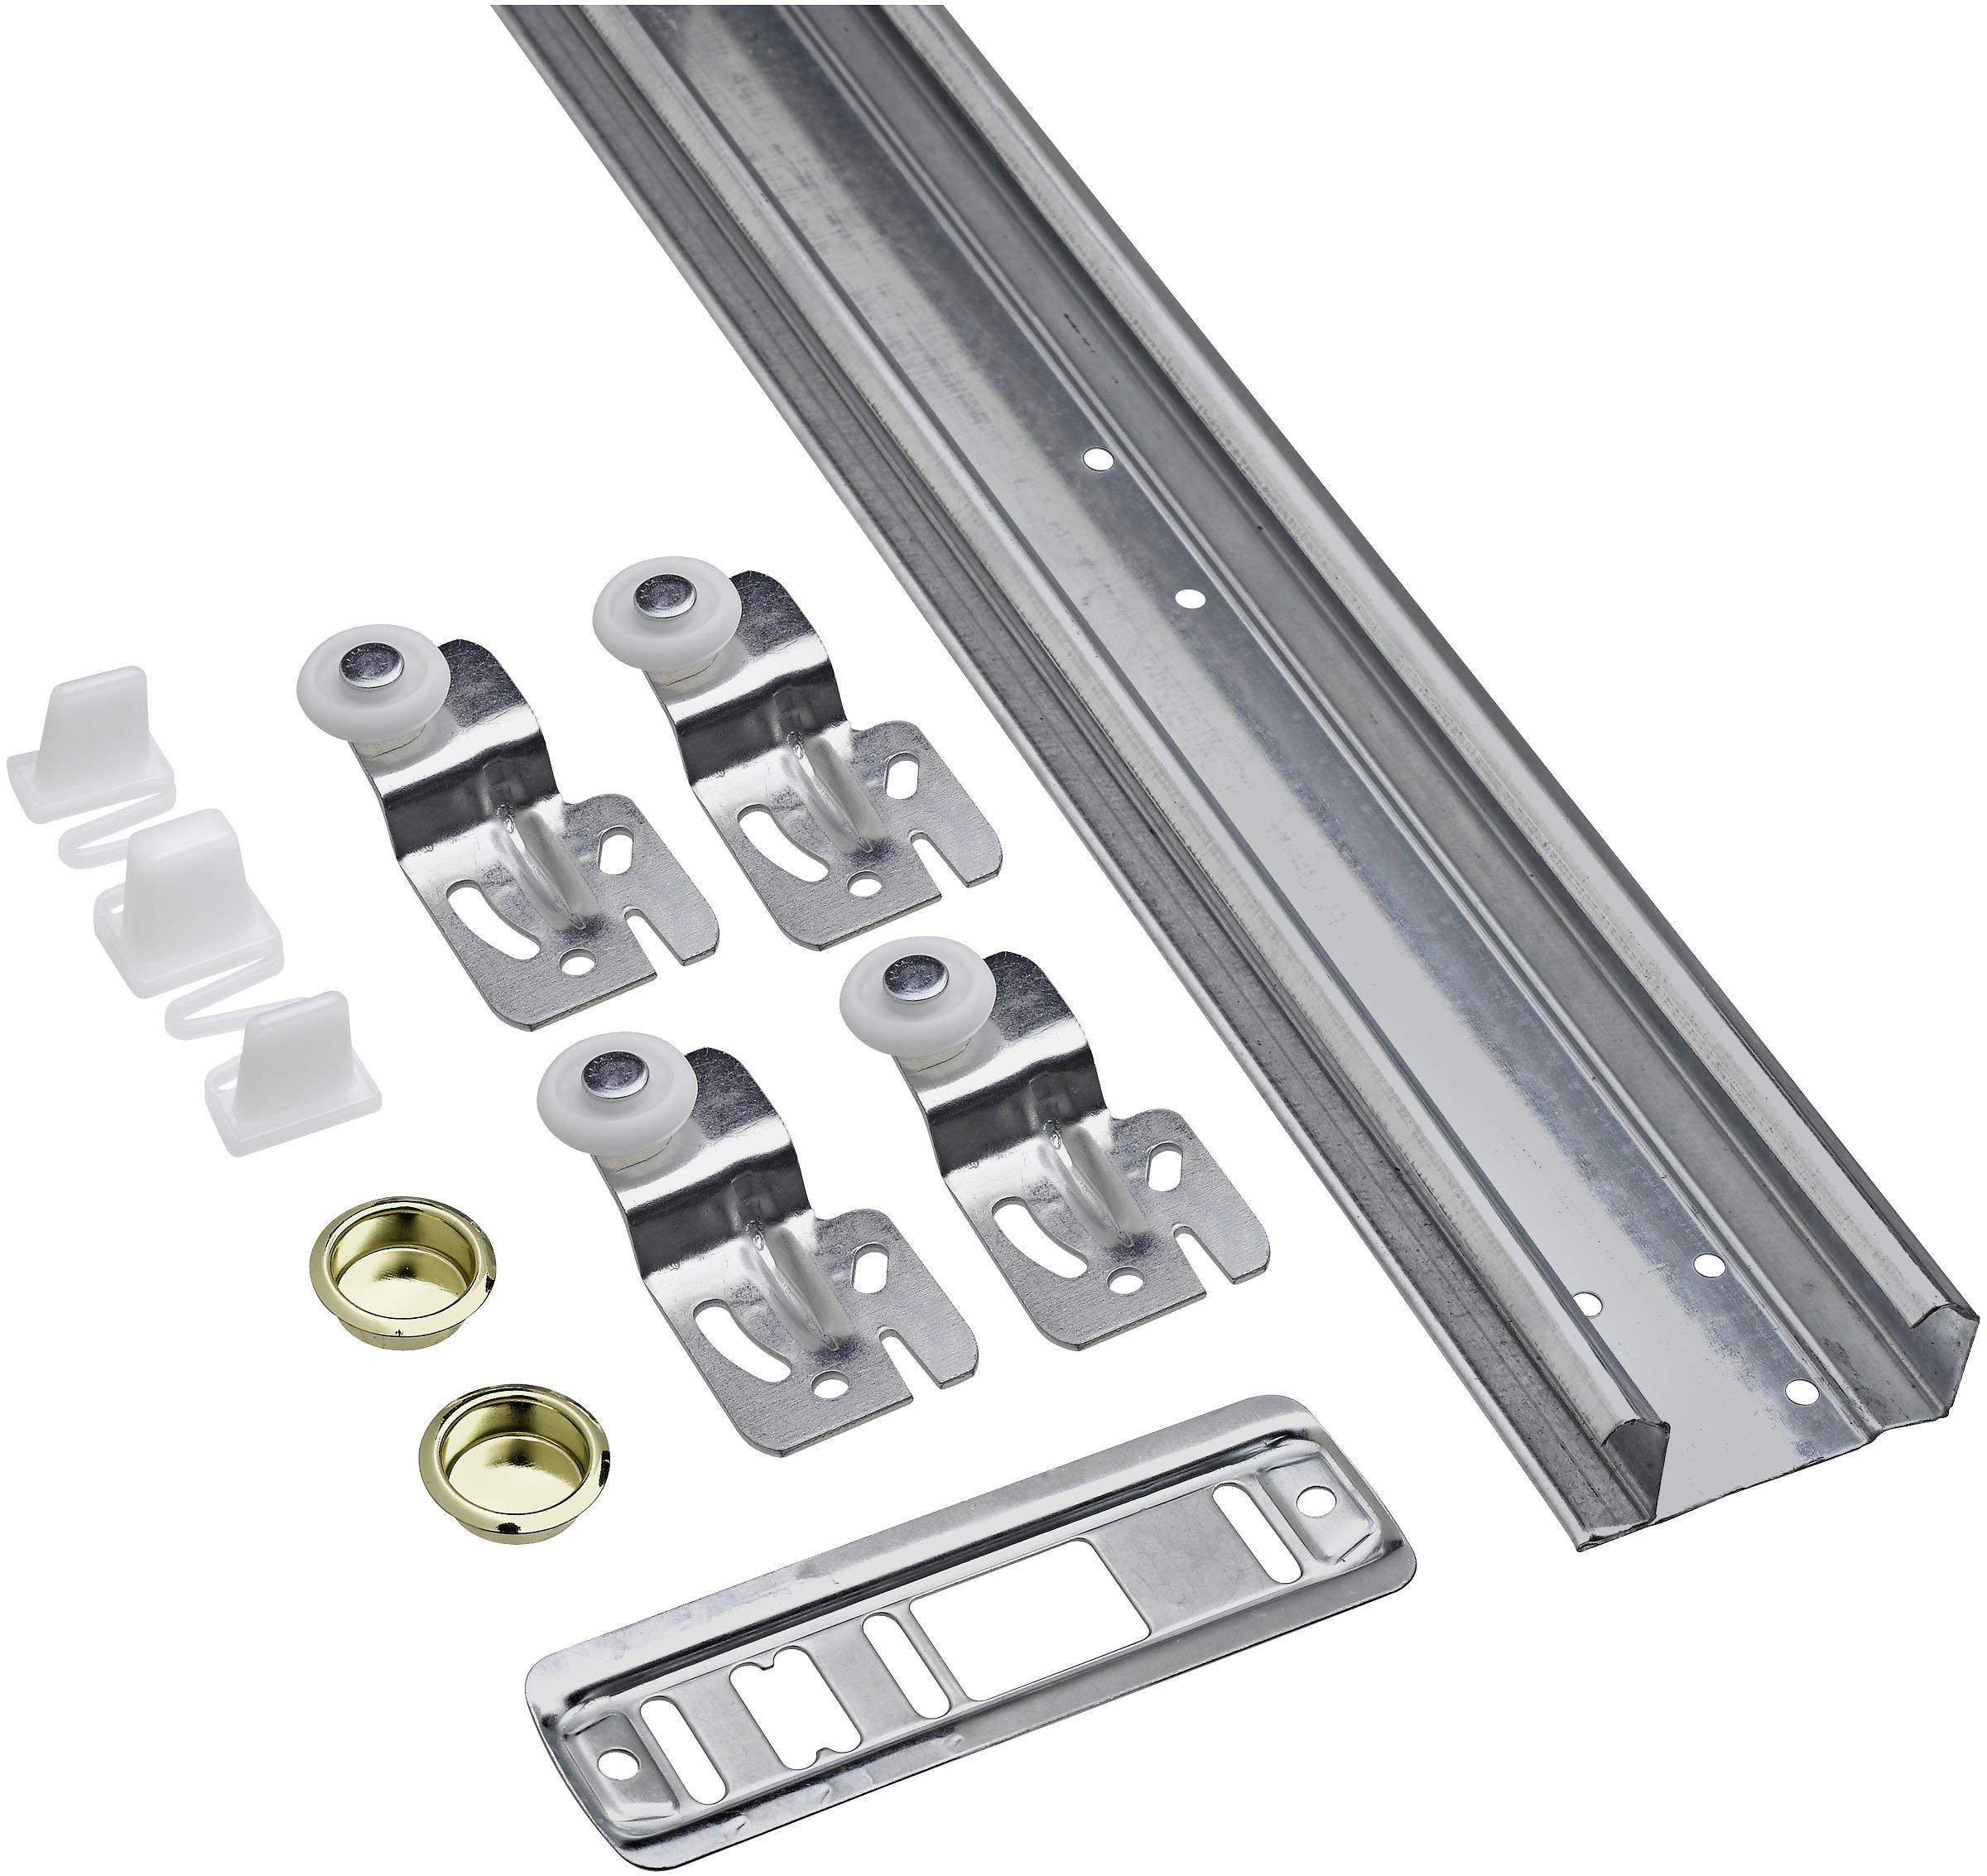 Stanley Hardware S403-006001 BPC60 Bypass Door Set - Steel Track